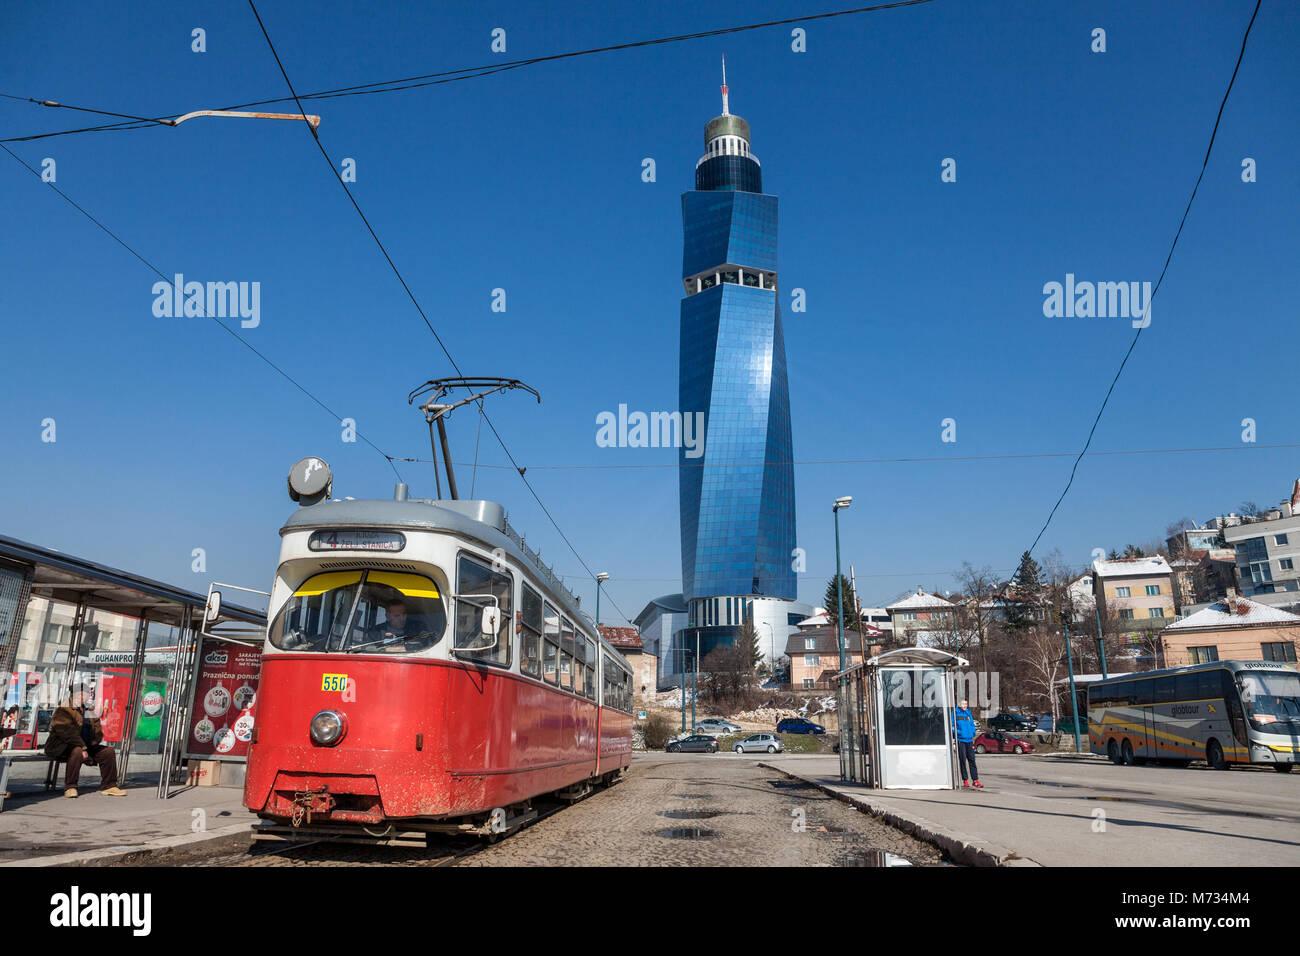 SARAJEVO, Bosnie - février 16, 2018: Tram prêt pour le départ sur l'arrêt, l'Avaz Photo Stock